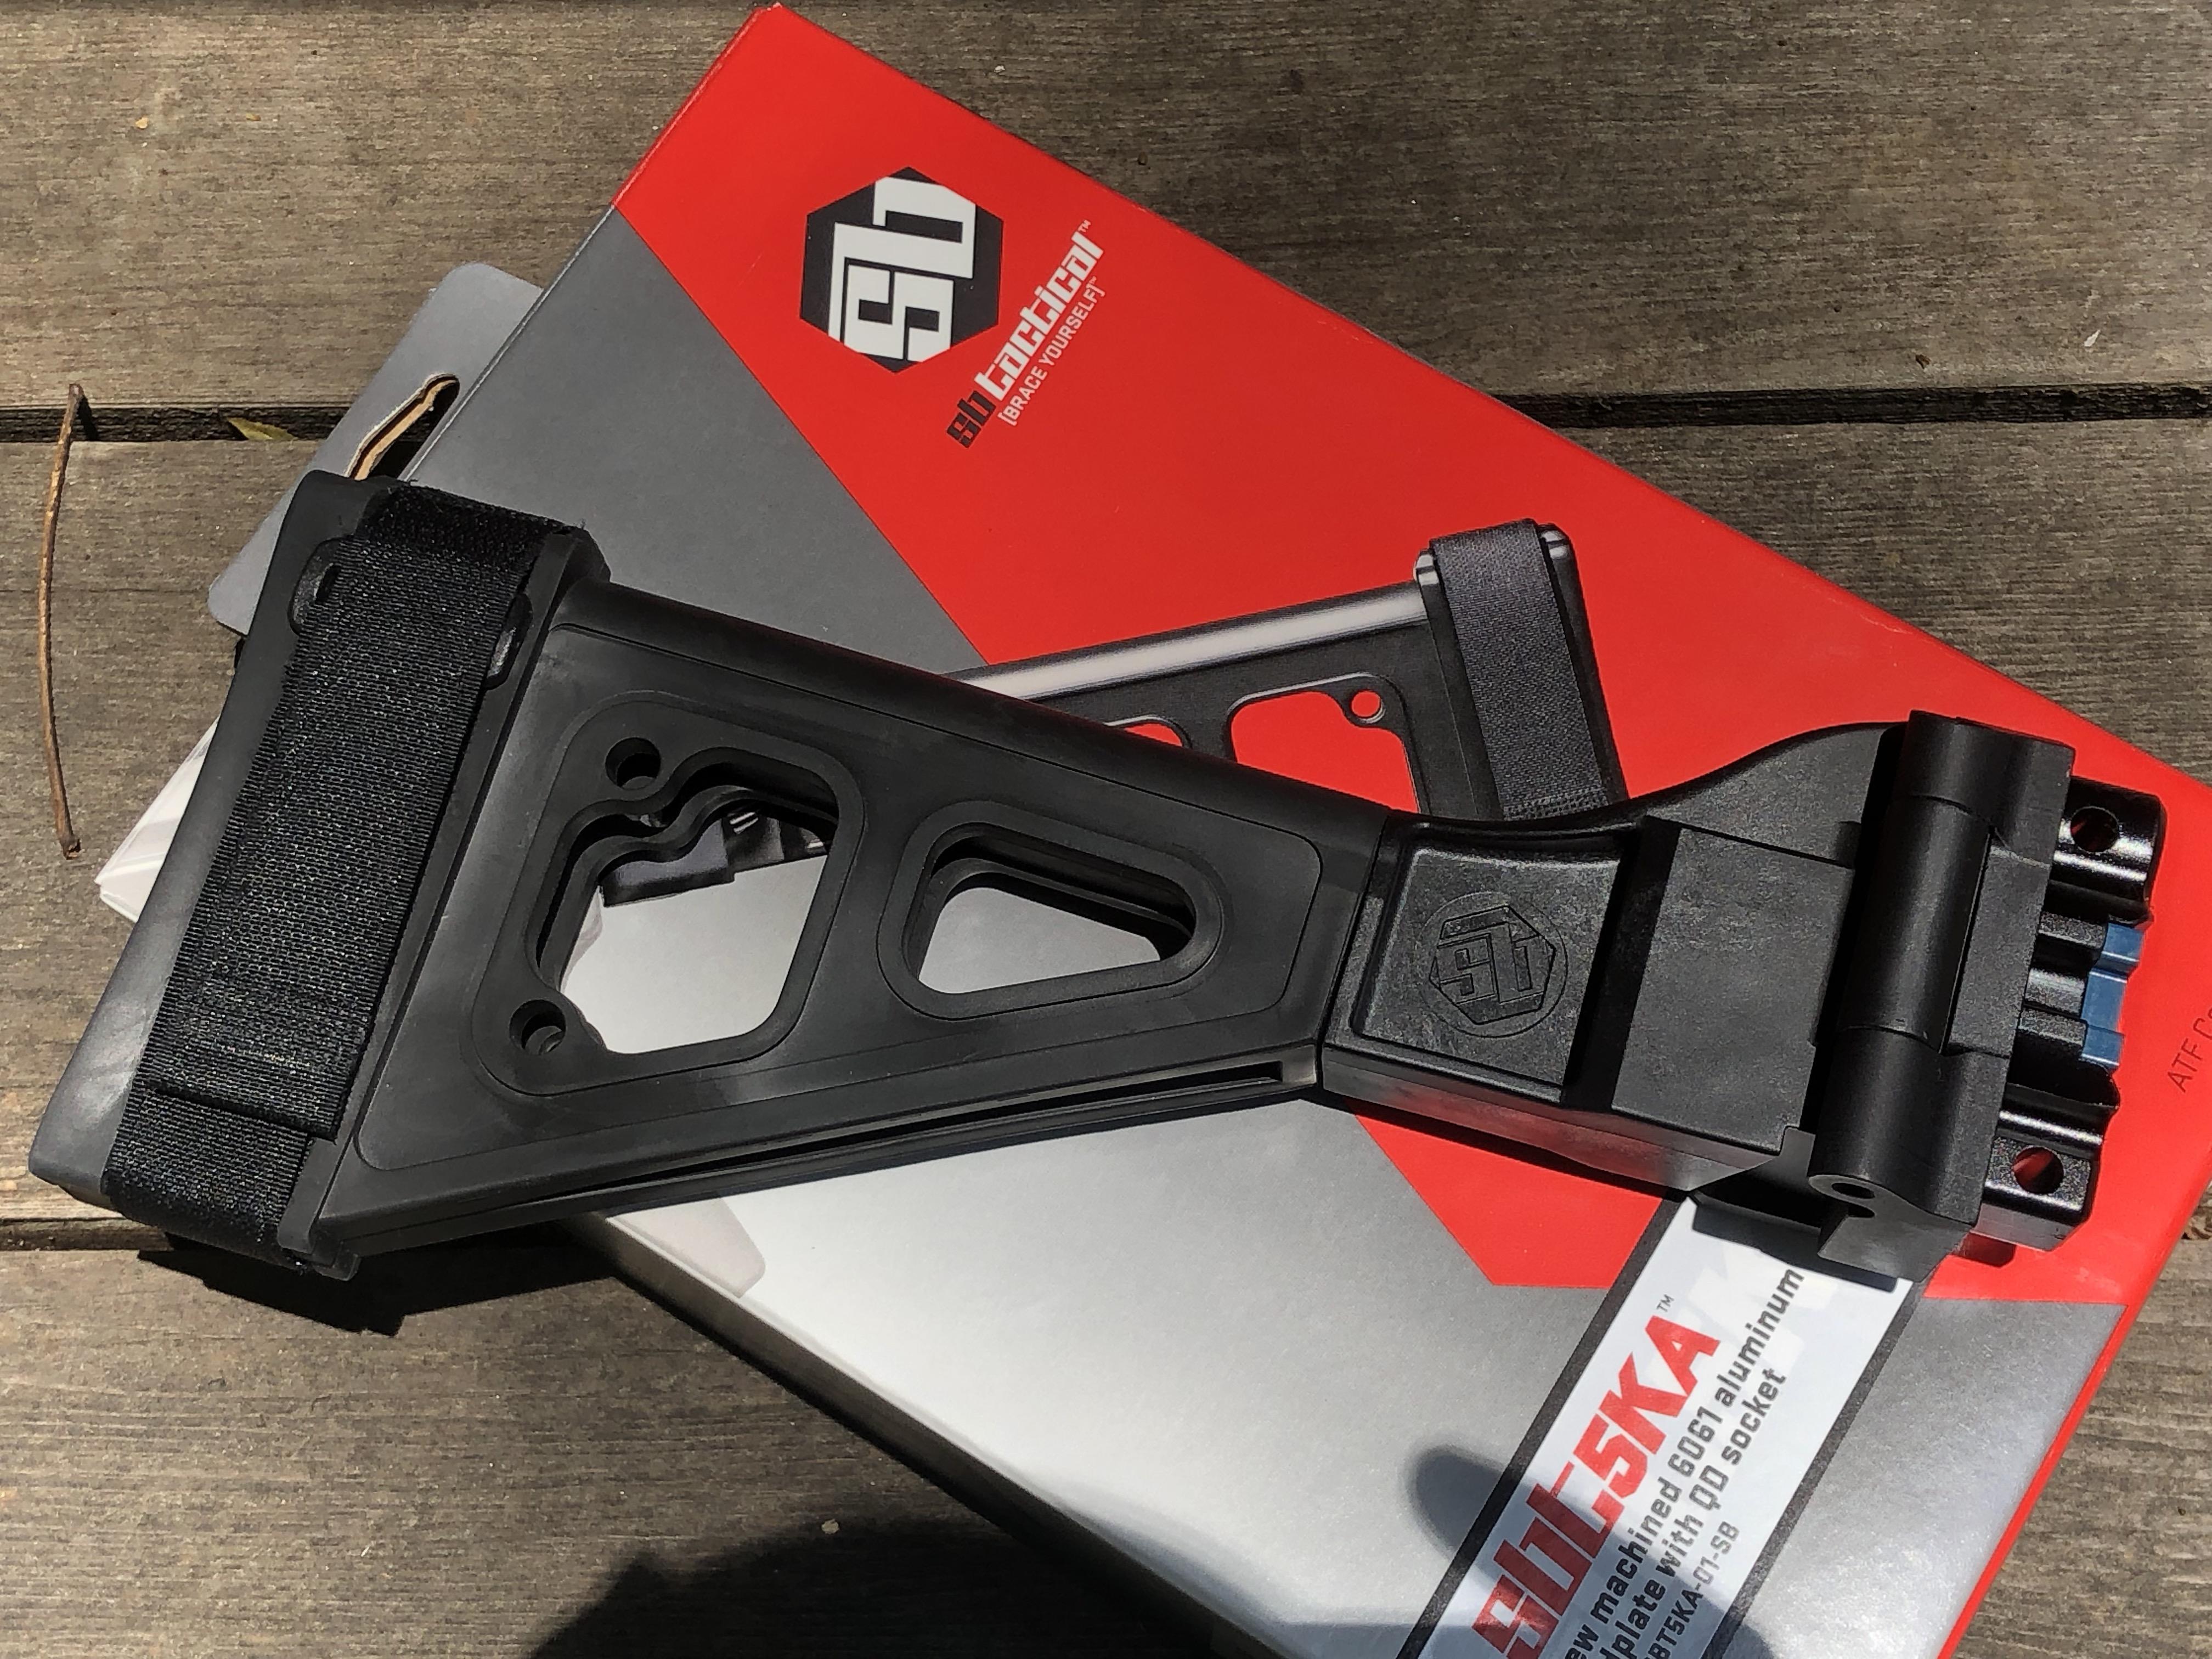 WTS: PRICE DROPS + MORE: SP5K RMR Sight Adapter & Handguard-k04sh00zqyslwsntcj03cq.jpg